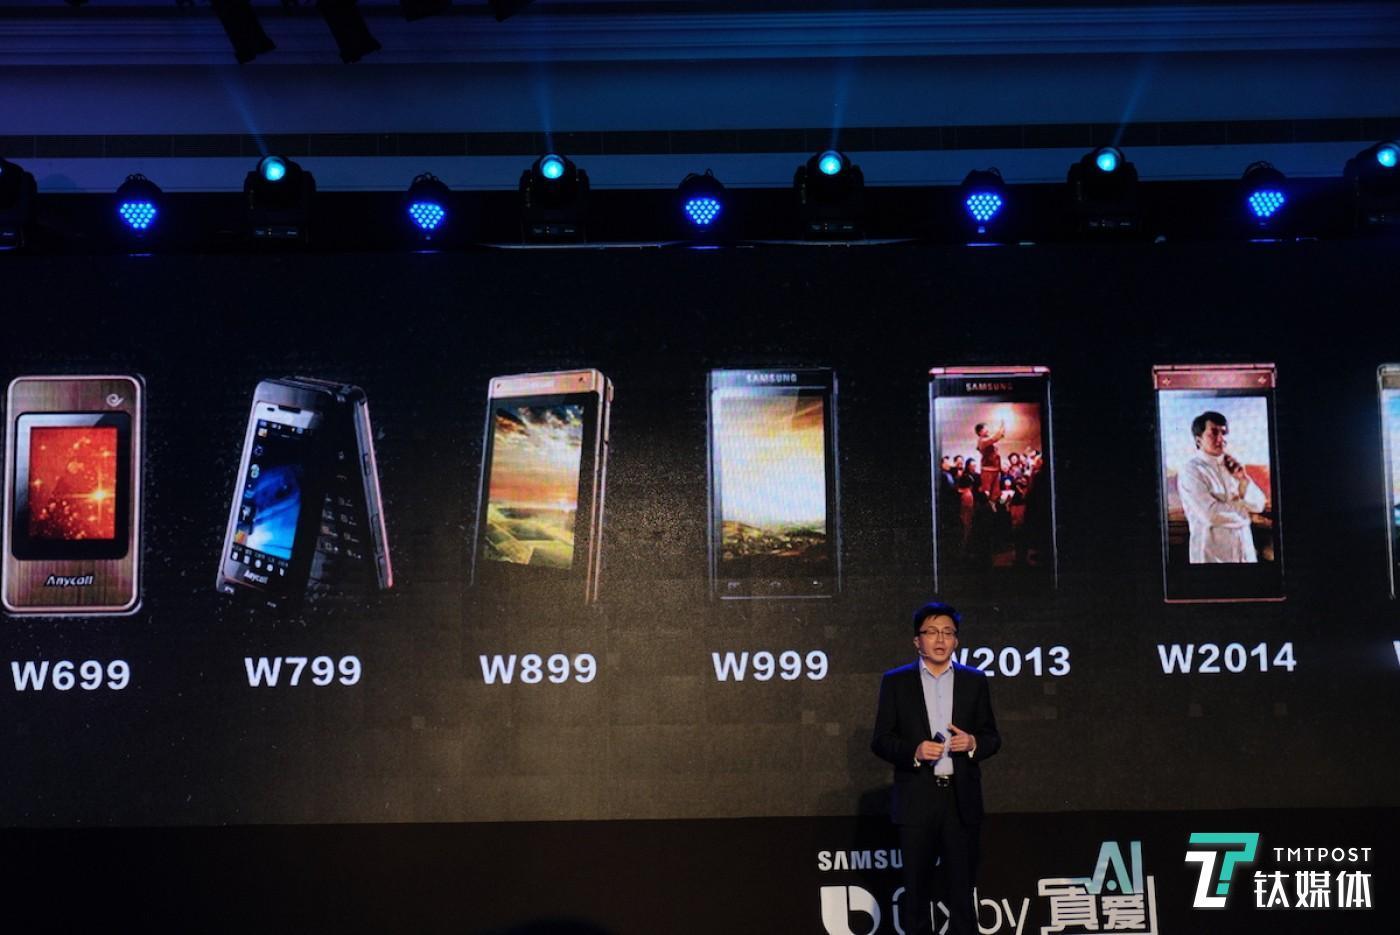 三星心系天下 W 系列手机的十年